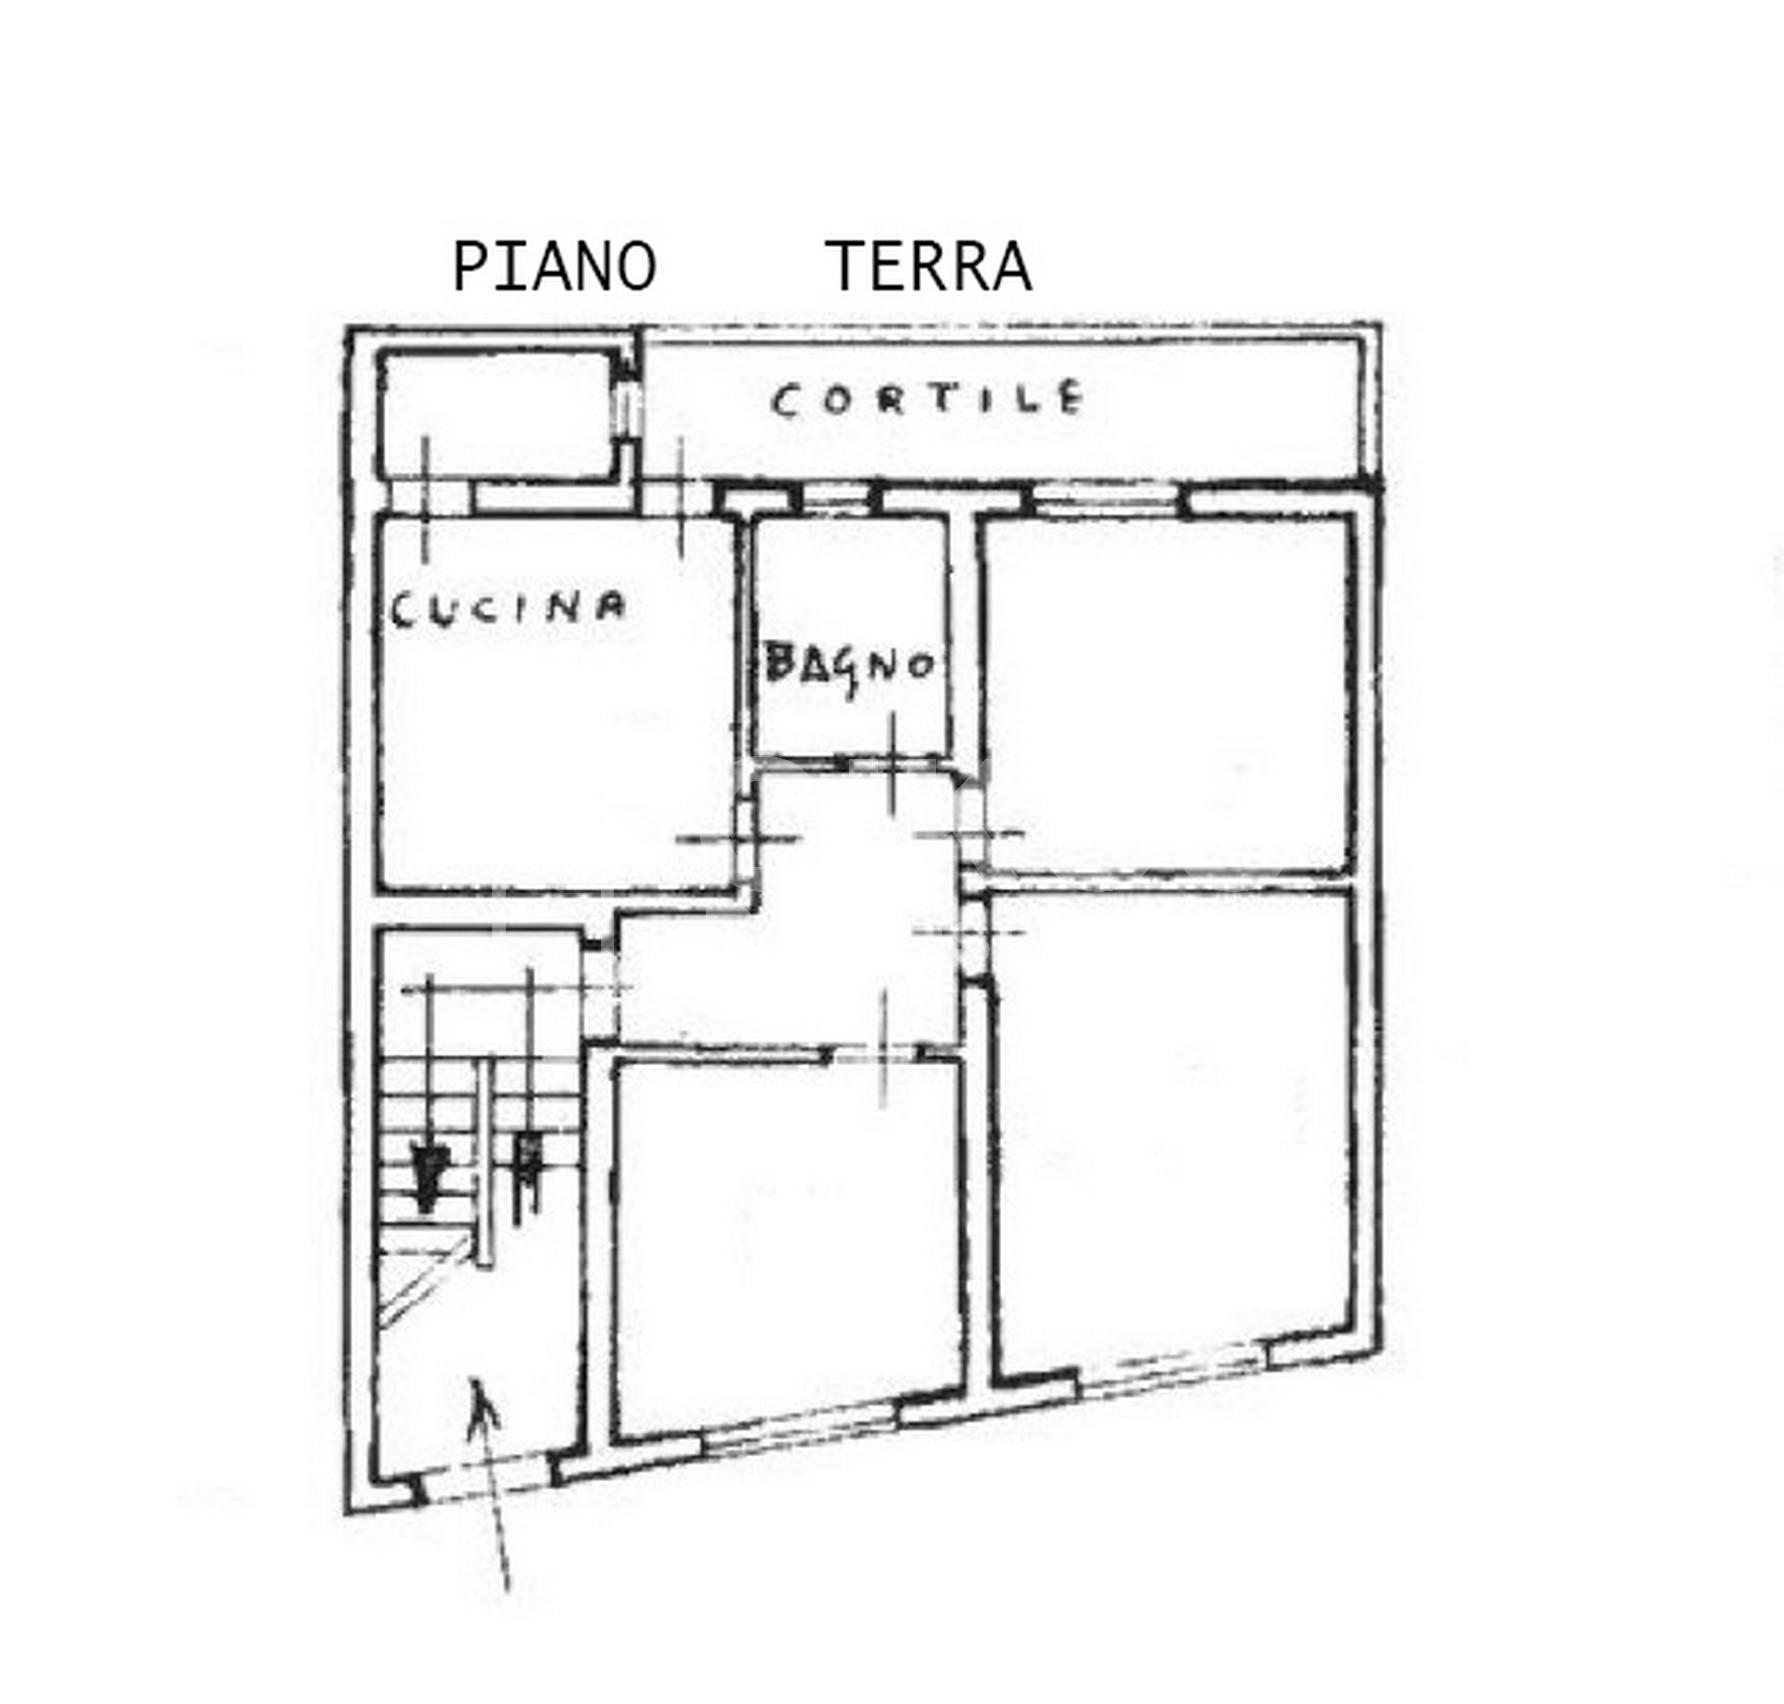 immobile con due unità abitative e terrazzo 22